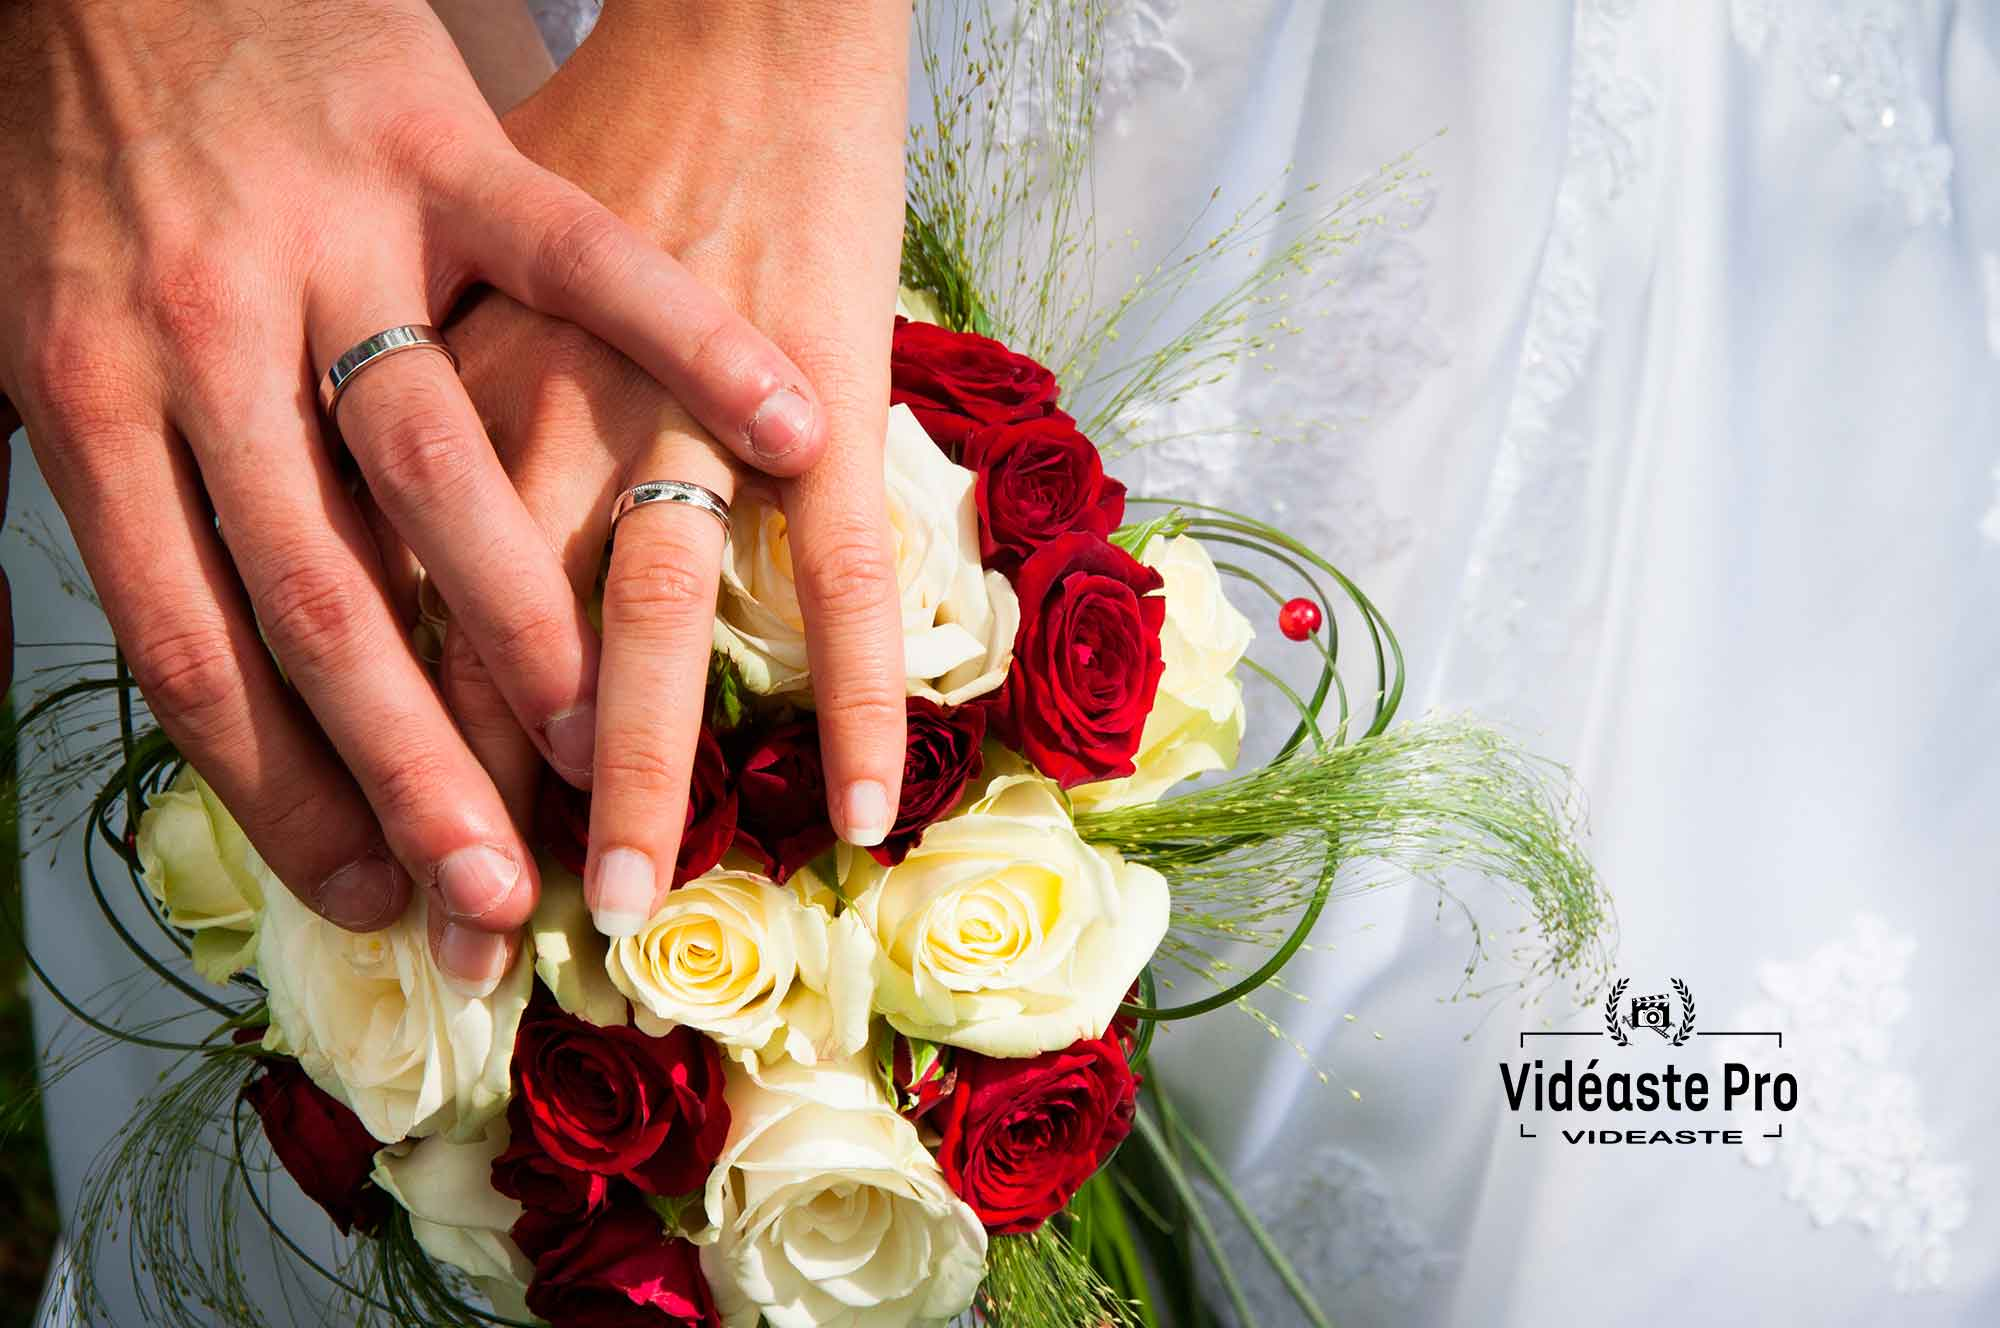 Tarifs forfait prix vidéaste mariage en Seine-et-Marne, formule tarifaire vidéo film de mariage Seine-et-Marne, à Meaux, Chelles, Melun, Pontault-Combault, Champs-sur-Marne, Savigny-le-Temple, Torcy, Villeparisis, Le Mée-sur-Seine, Combs-la-Ville, Ozoir-la-Ferrière, Dammarie-les-Lys, Roissy-en-Brie, Lagny-sur-Marne, Montereau-Fault-Yonne, Mitry-Mory, Fontainebleau, Noisiel, Moissy-Cramayel, Lognes, Avon, Coulommiers, Brie-Comte-Robert, Nemours, Vaires-sur-Marne, Provins, Saint-Fargeau-Ponthierry, Vaux-le-Pénil, Claye-Souilly